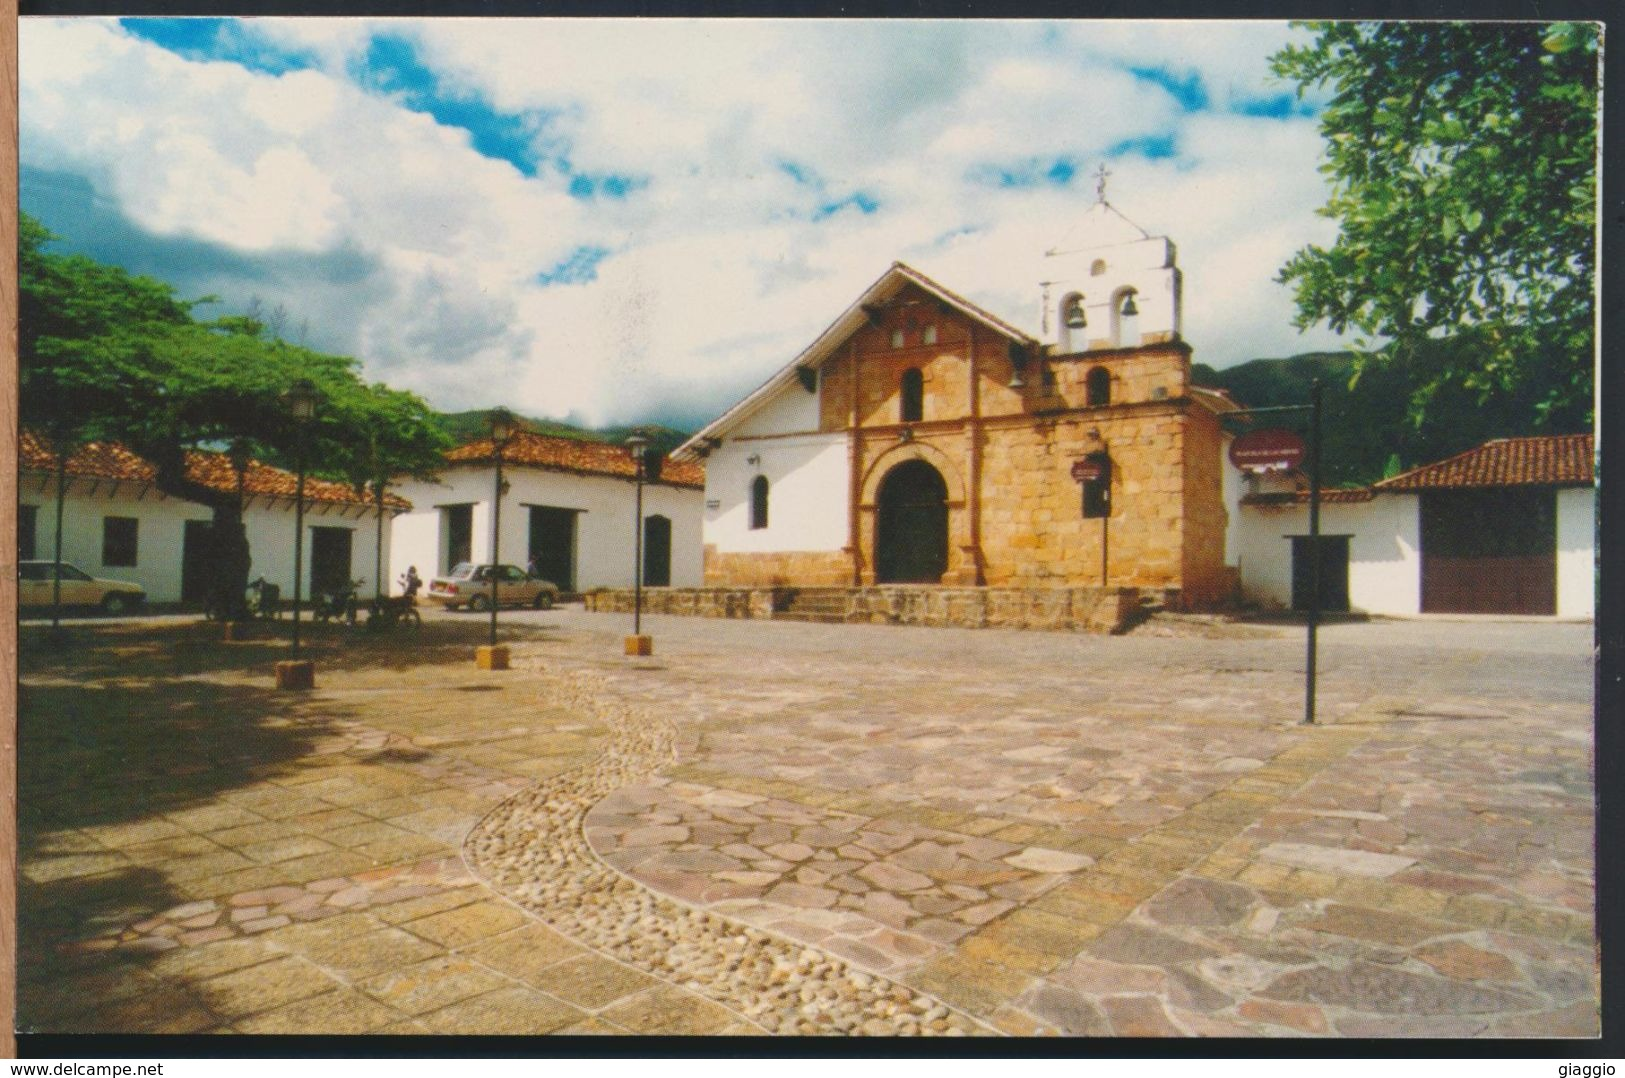 °°° 9374 - COLOMBIA - GIRON - CAPILLA DE LAS NIEVES °°° - Colombia